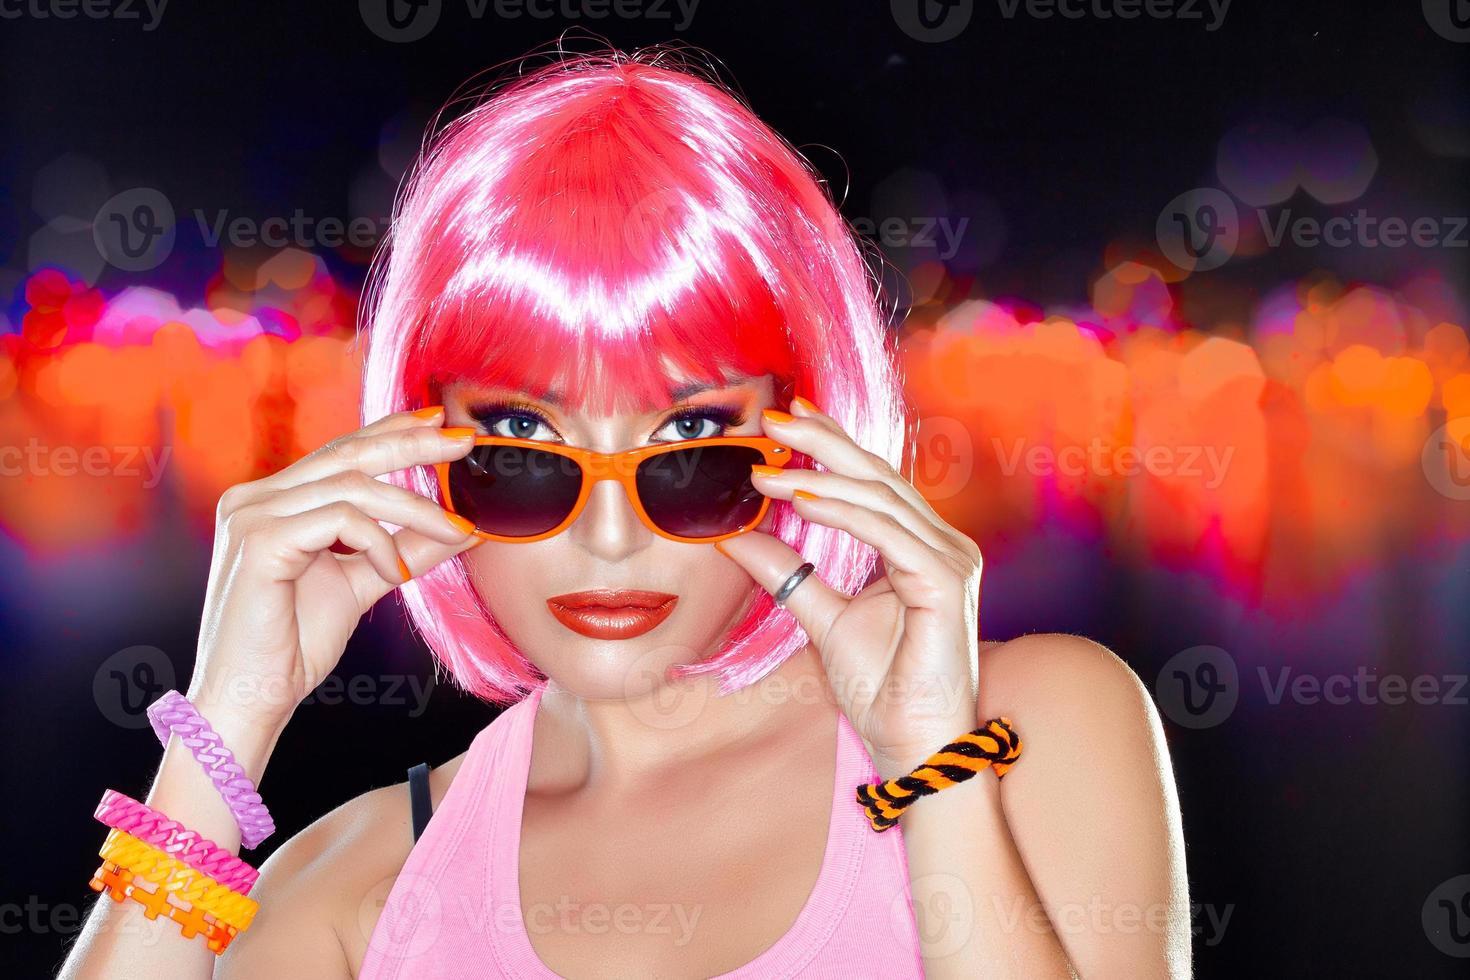 vacker fest tjej. snyggt rosa hår. foto